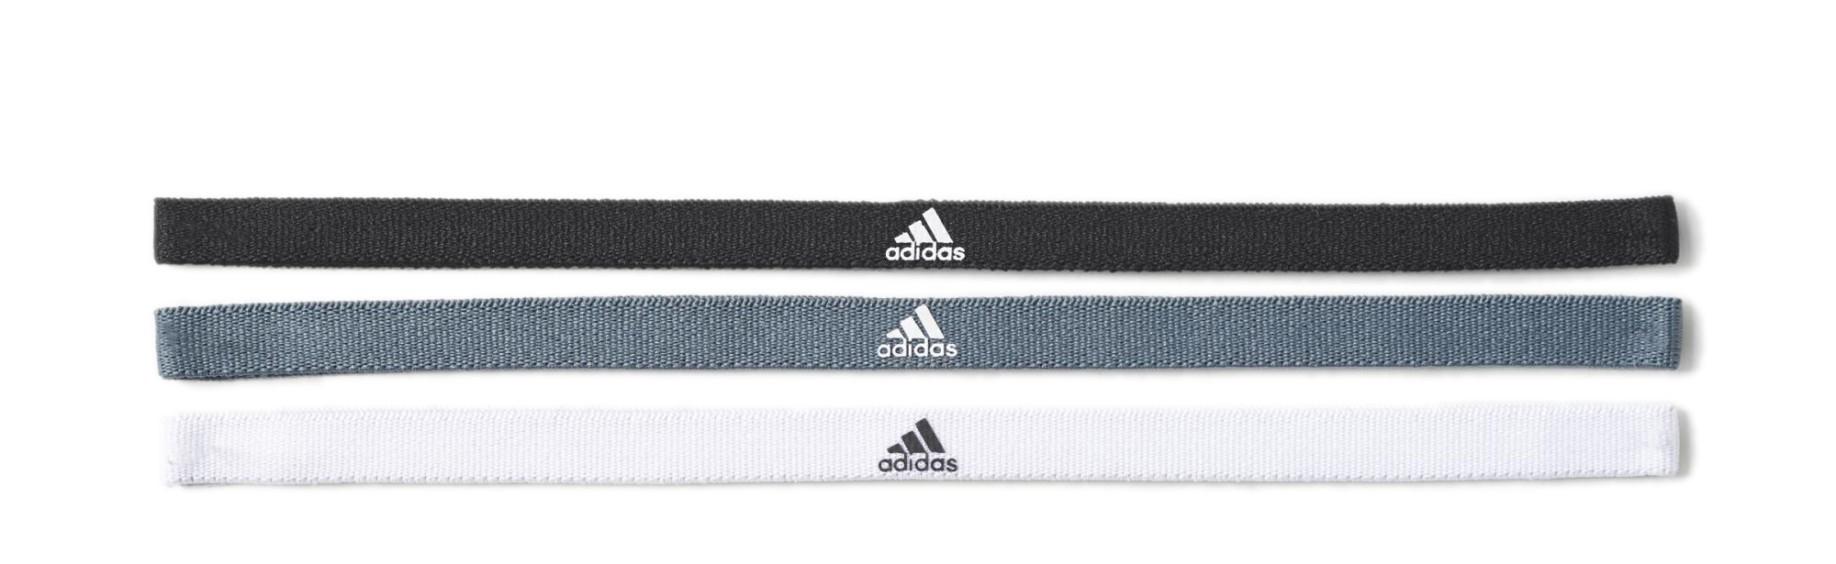 Fasce per capelli Adidas 3 pezzi colore Nero Bianco - Adidas - SportIT.com bc5451780727